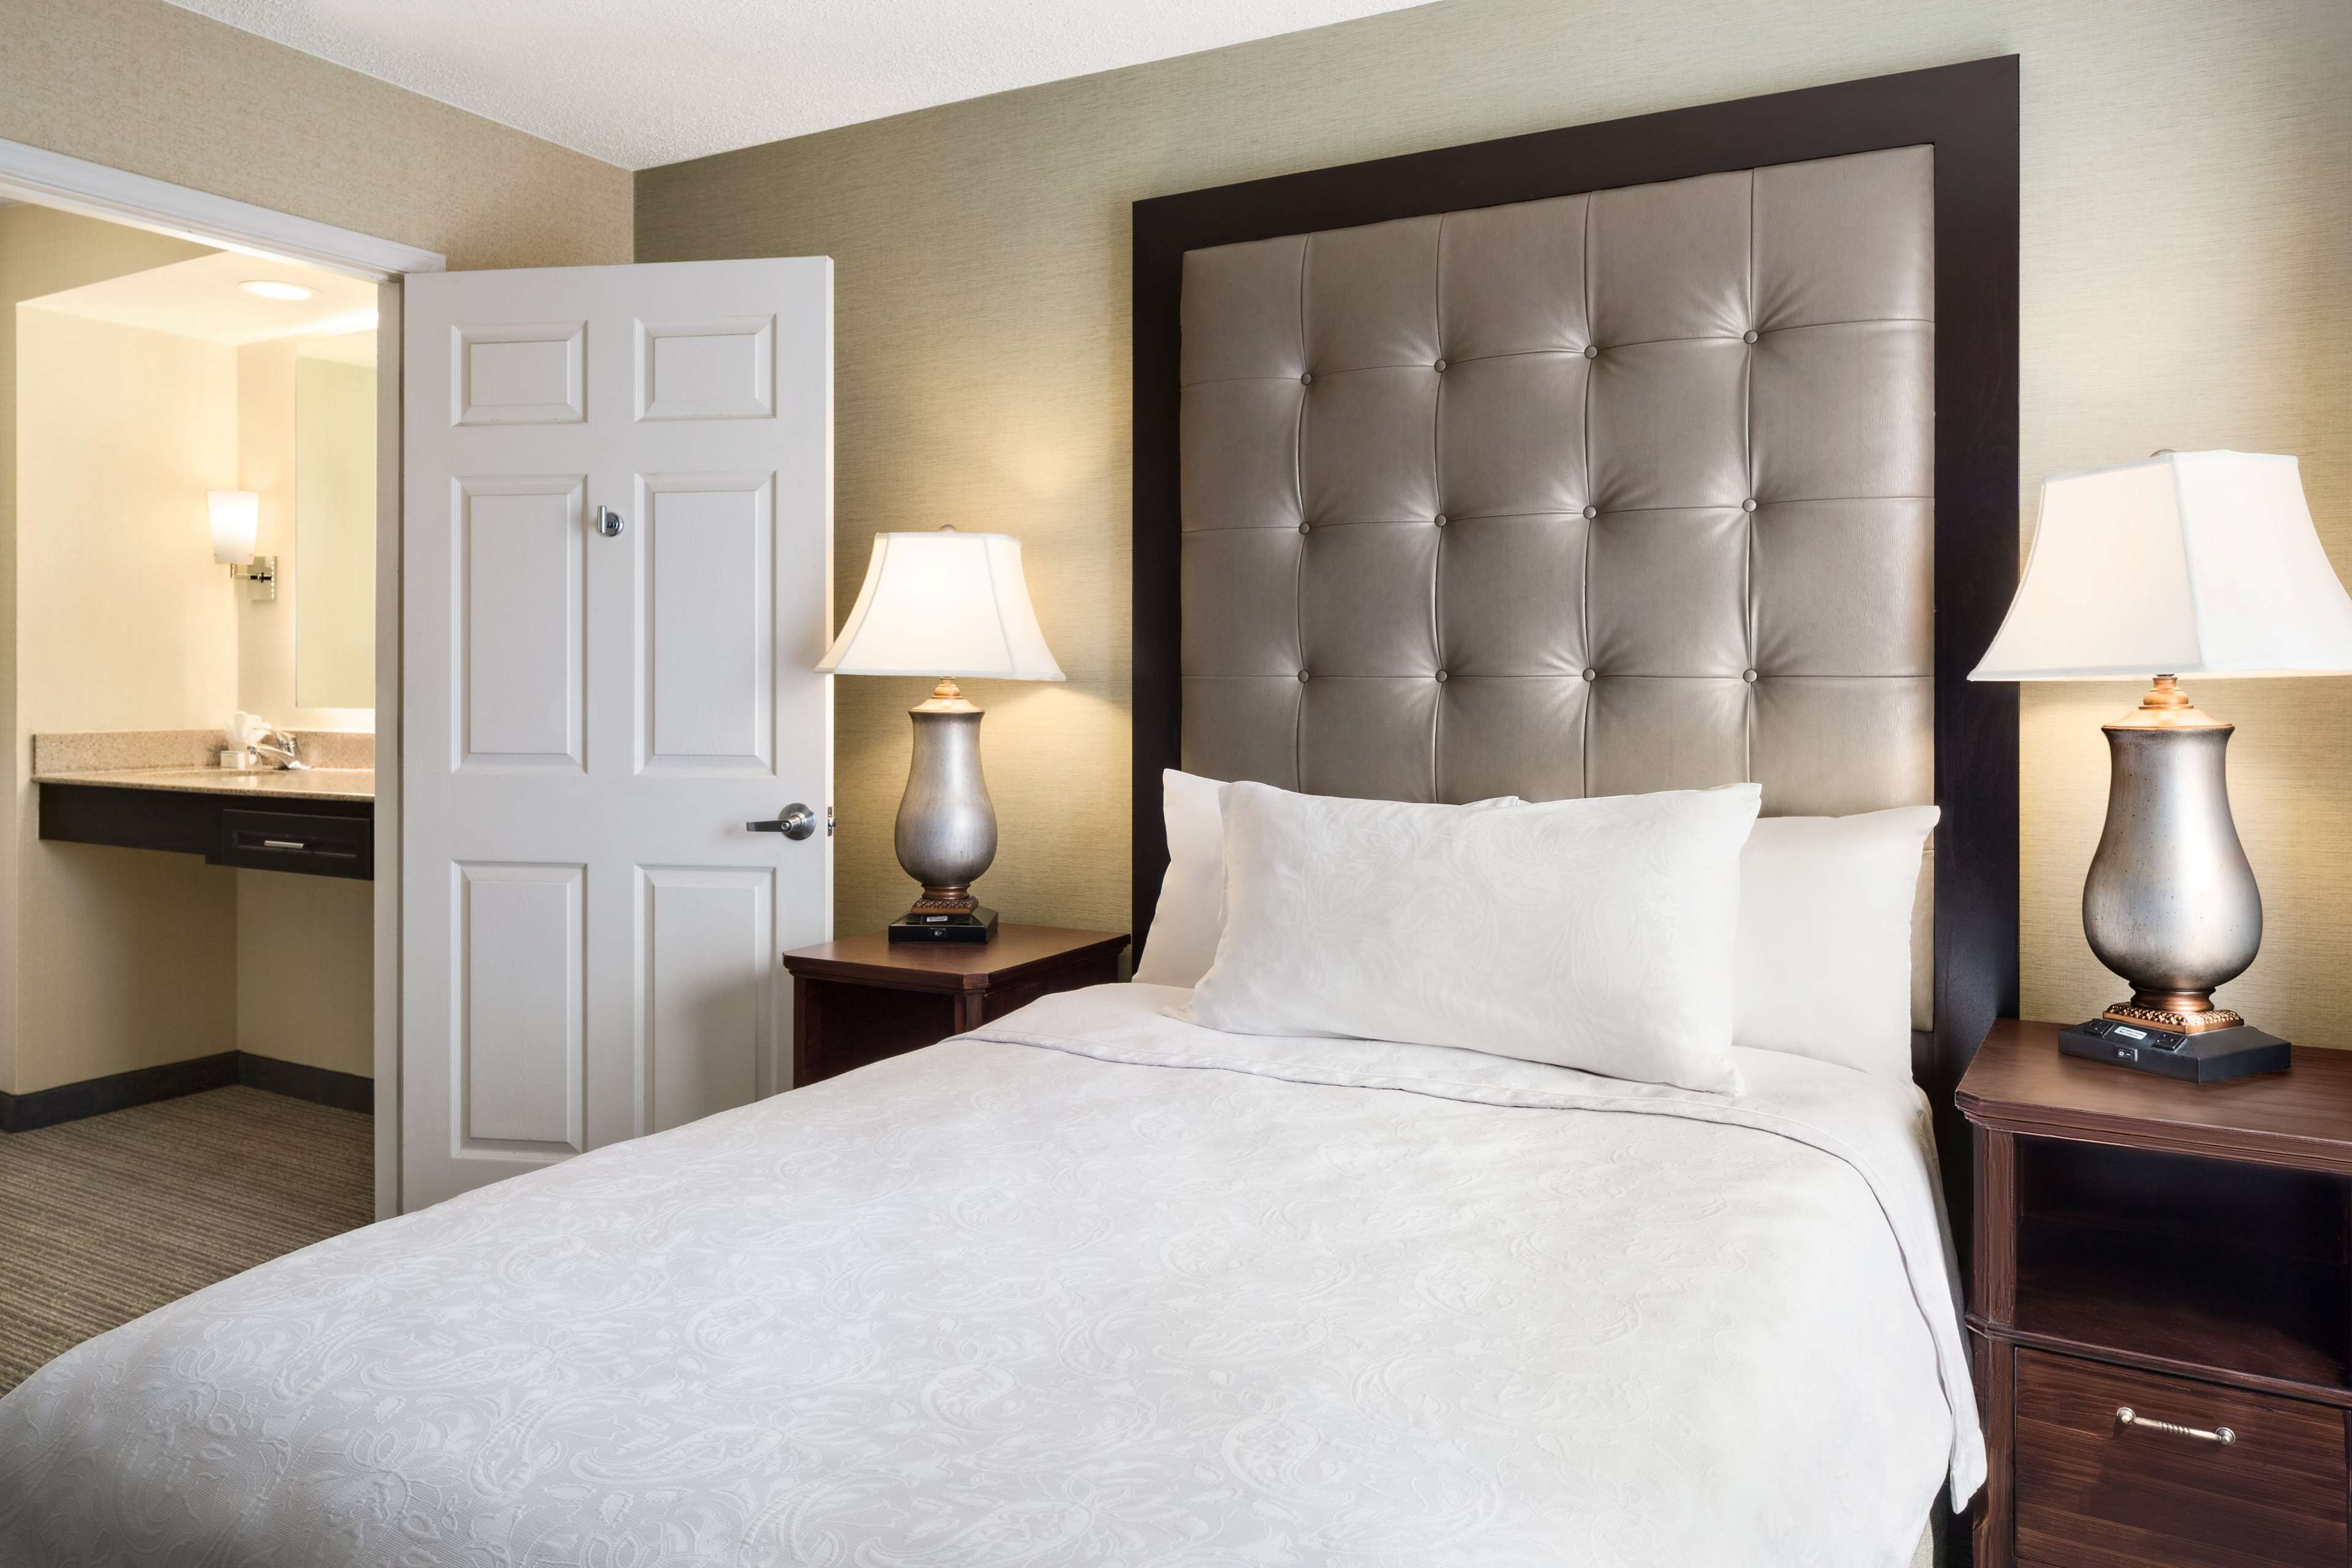 Homewood Suites by Hilton - Boulder image 22